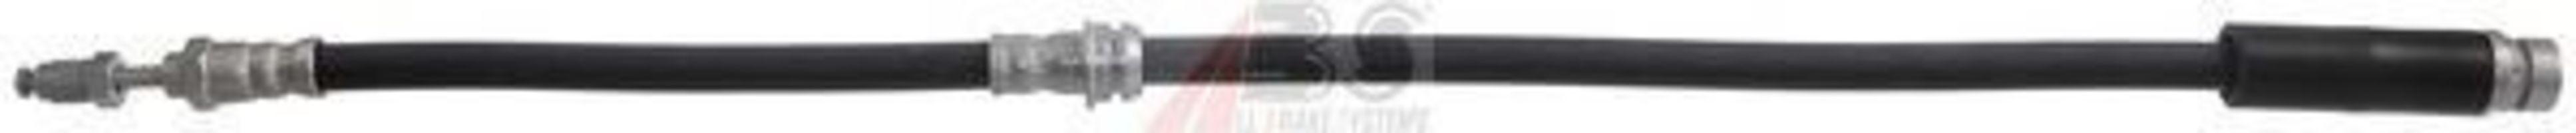 Шланг тормозной A.B.S. SL 5655